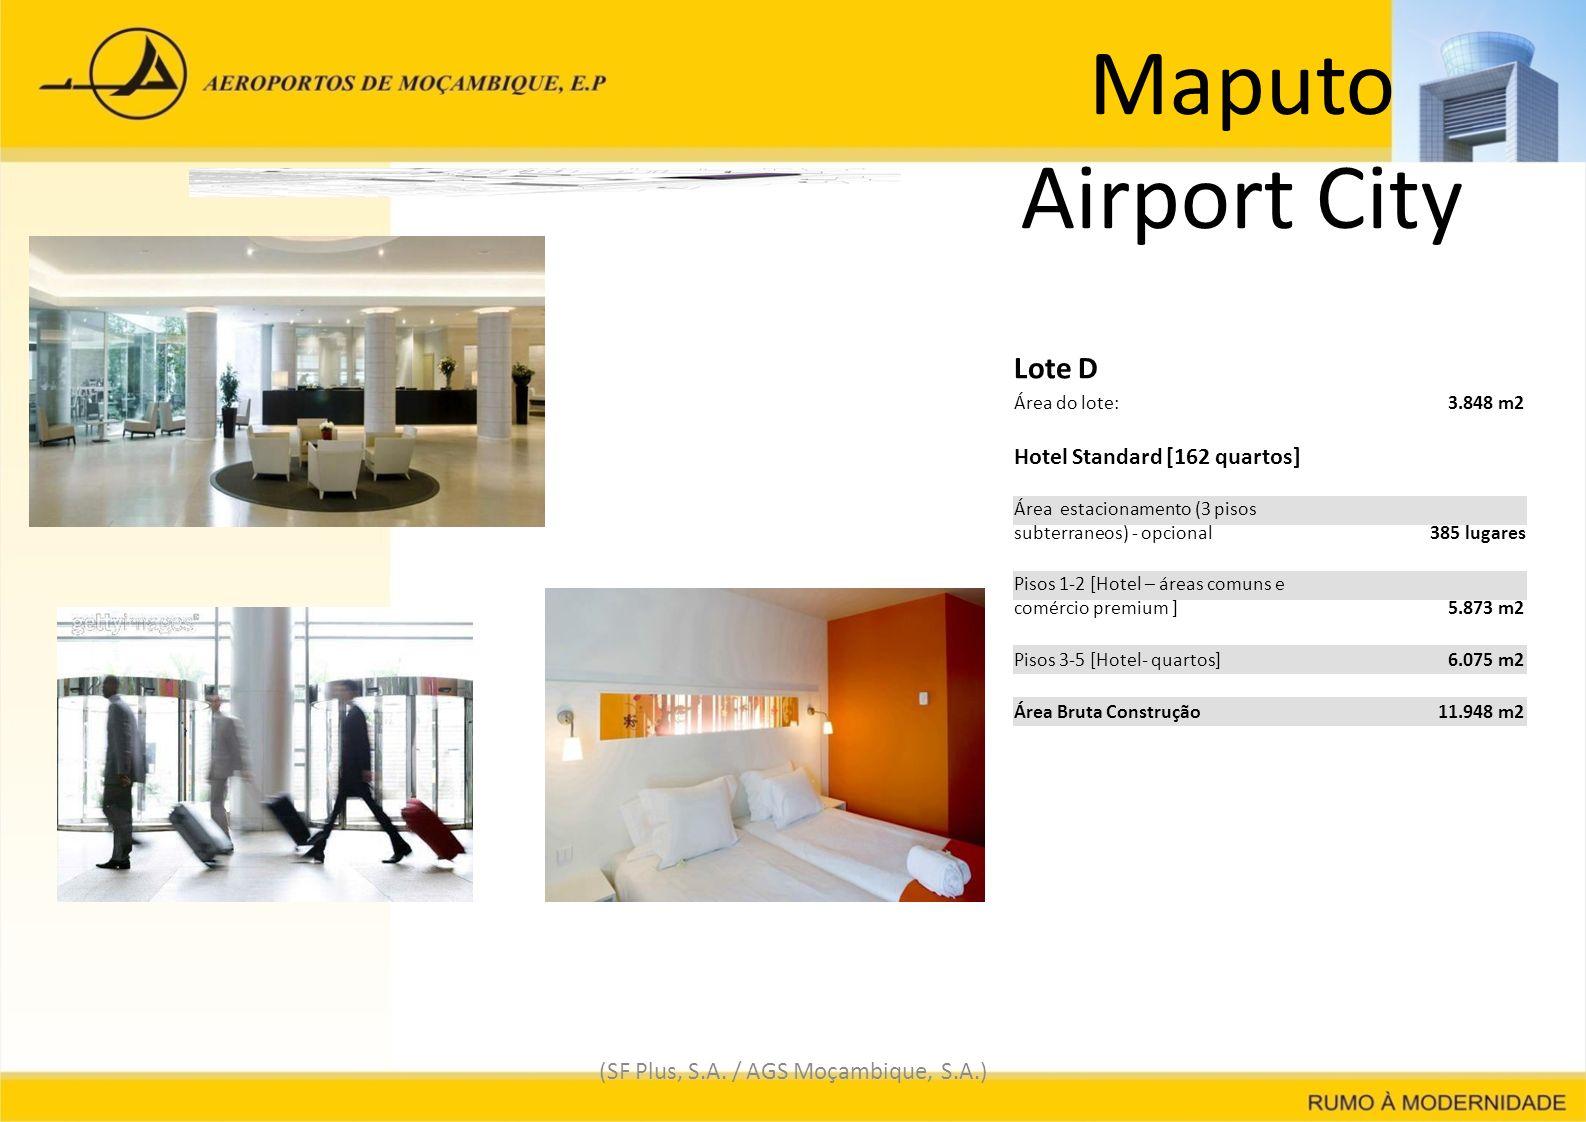 Maputo Airport City (SF Plus, S.A. / AGS Moçambique, S.A.) Lote D Área do lote: 3.848 m23.848 m2 Hotel Standard [162 quartos] Área estacionamento (3 p